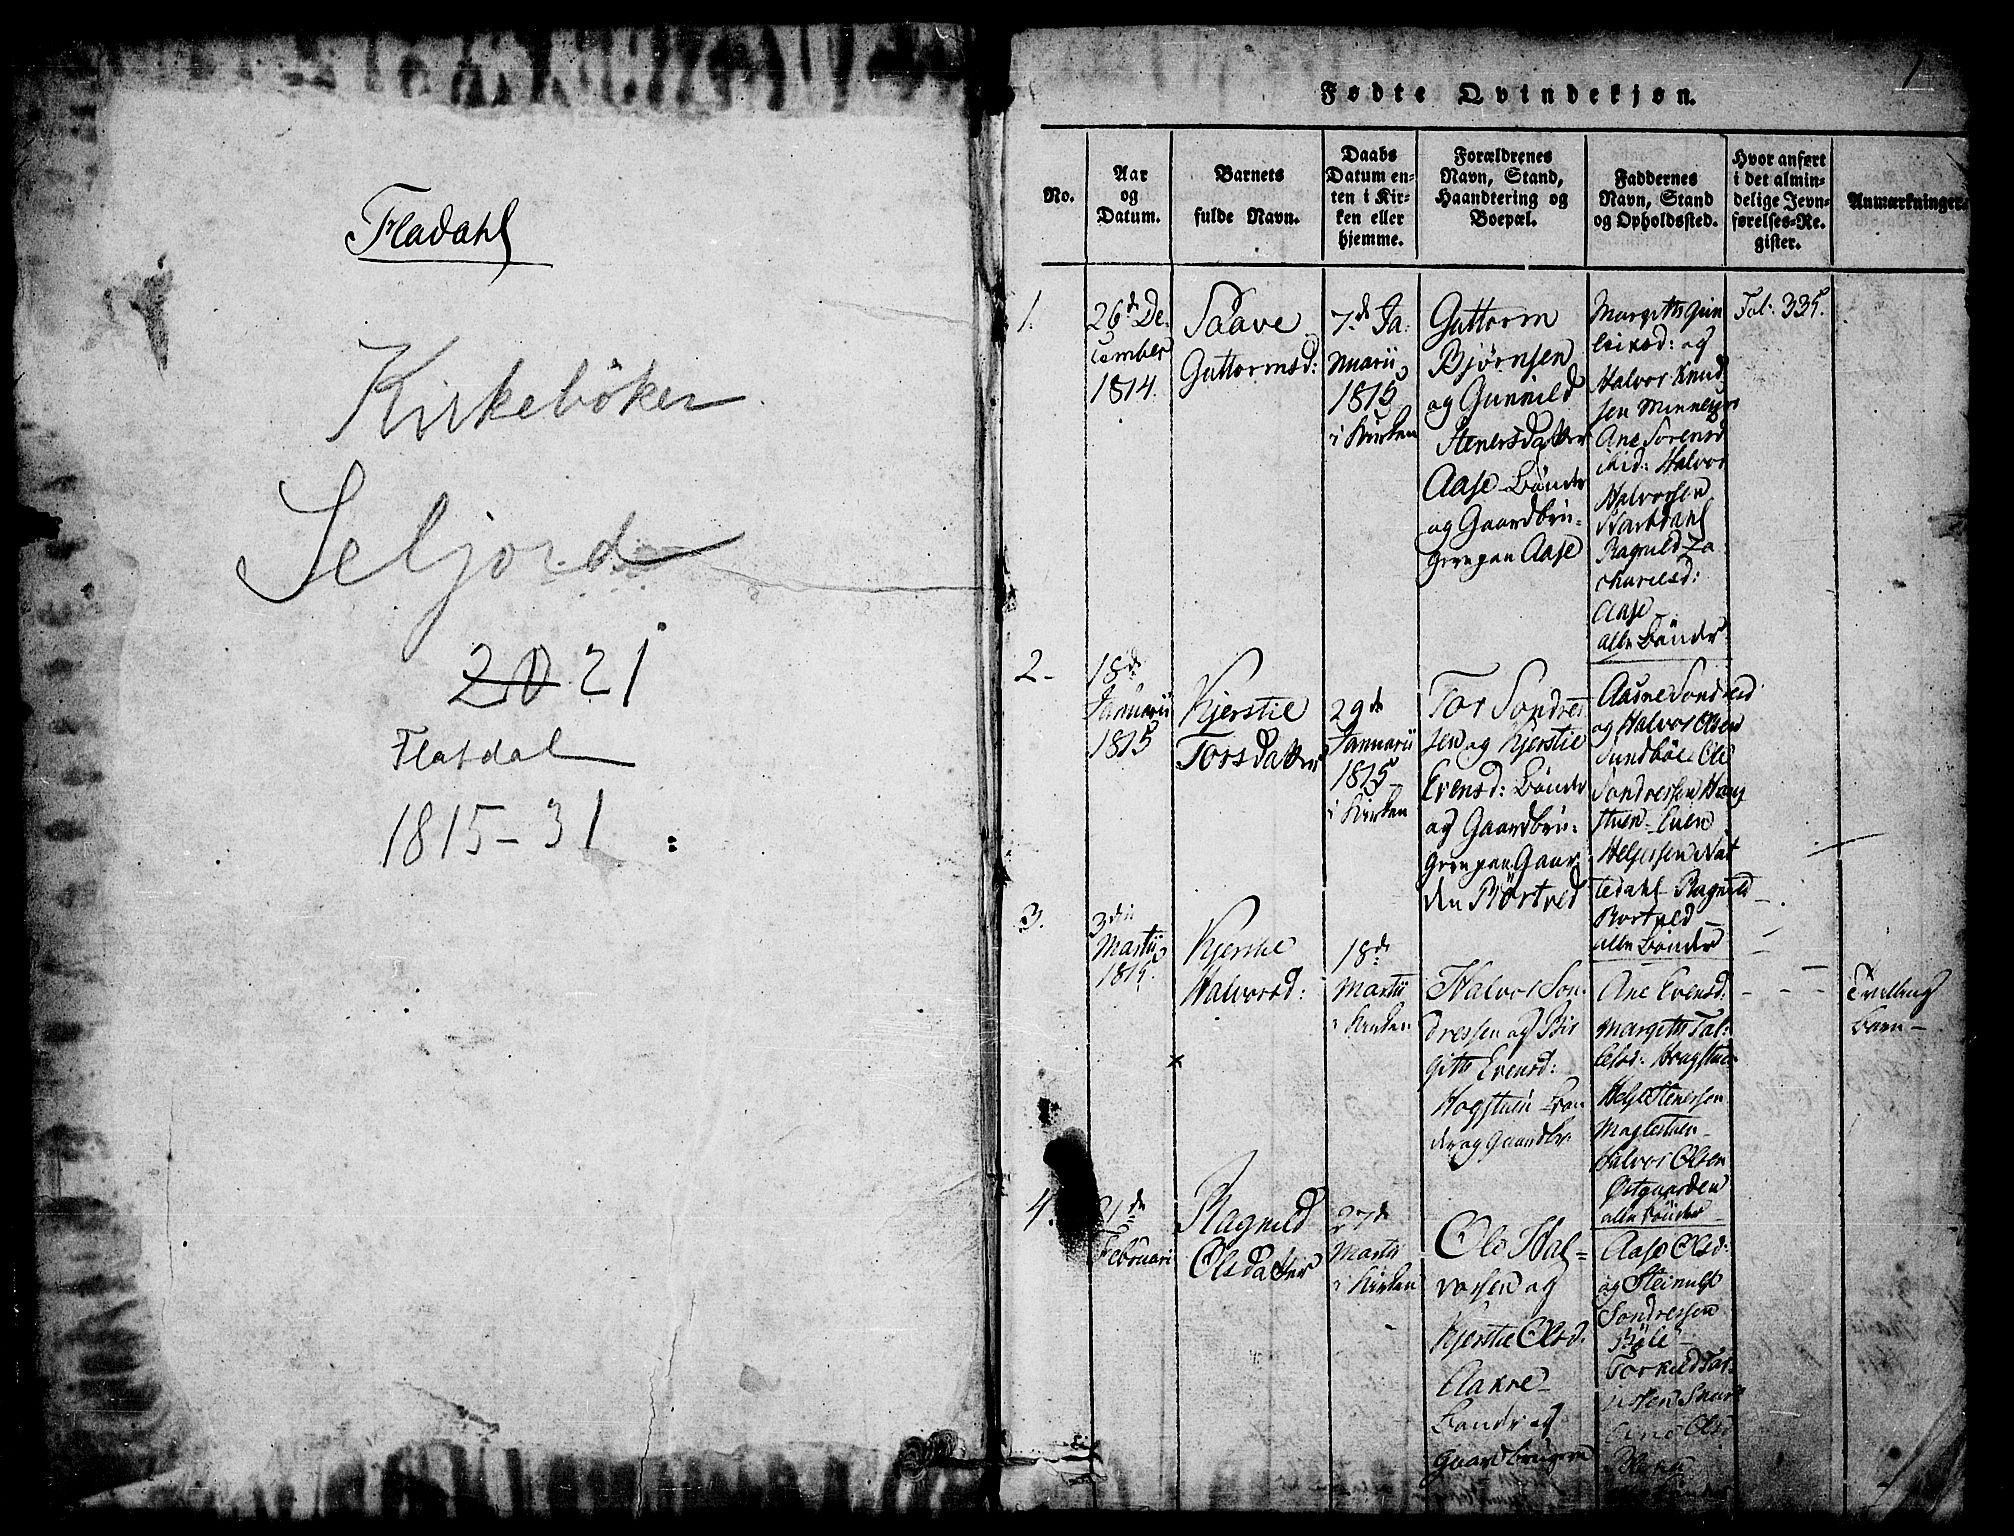 SAKO, Seljord kirkebøker, F/Fb/L0001: Ministerialbok nr. II 1, 1815-1831, s. 1